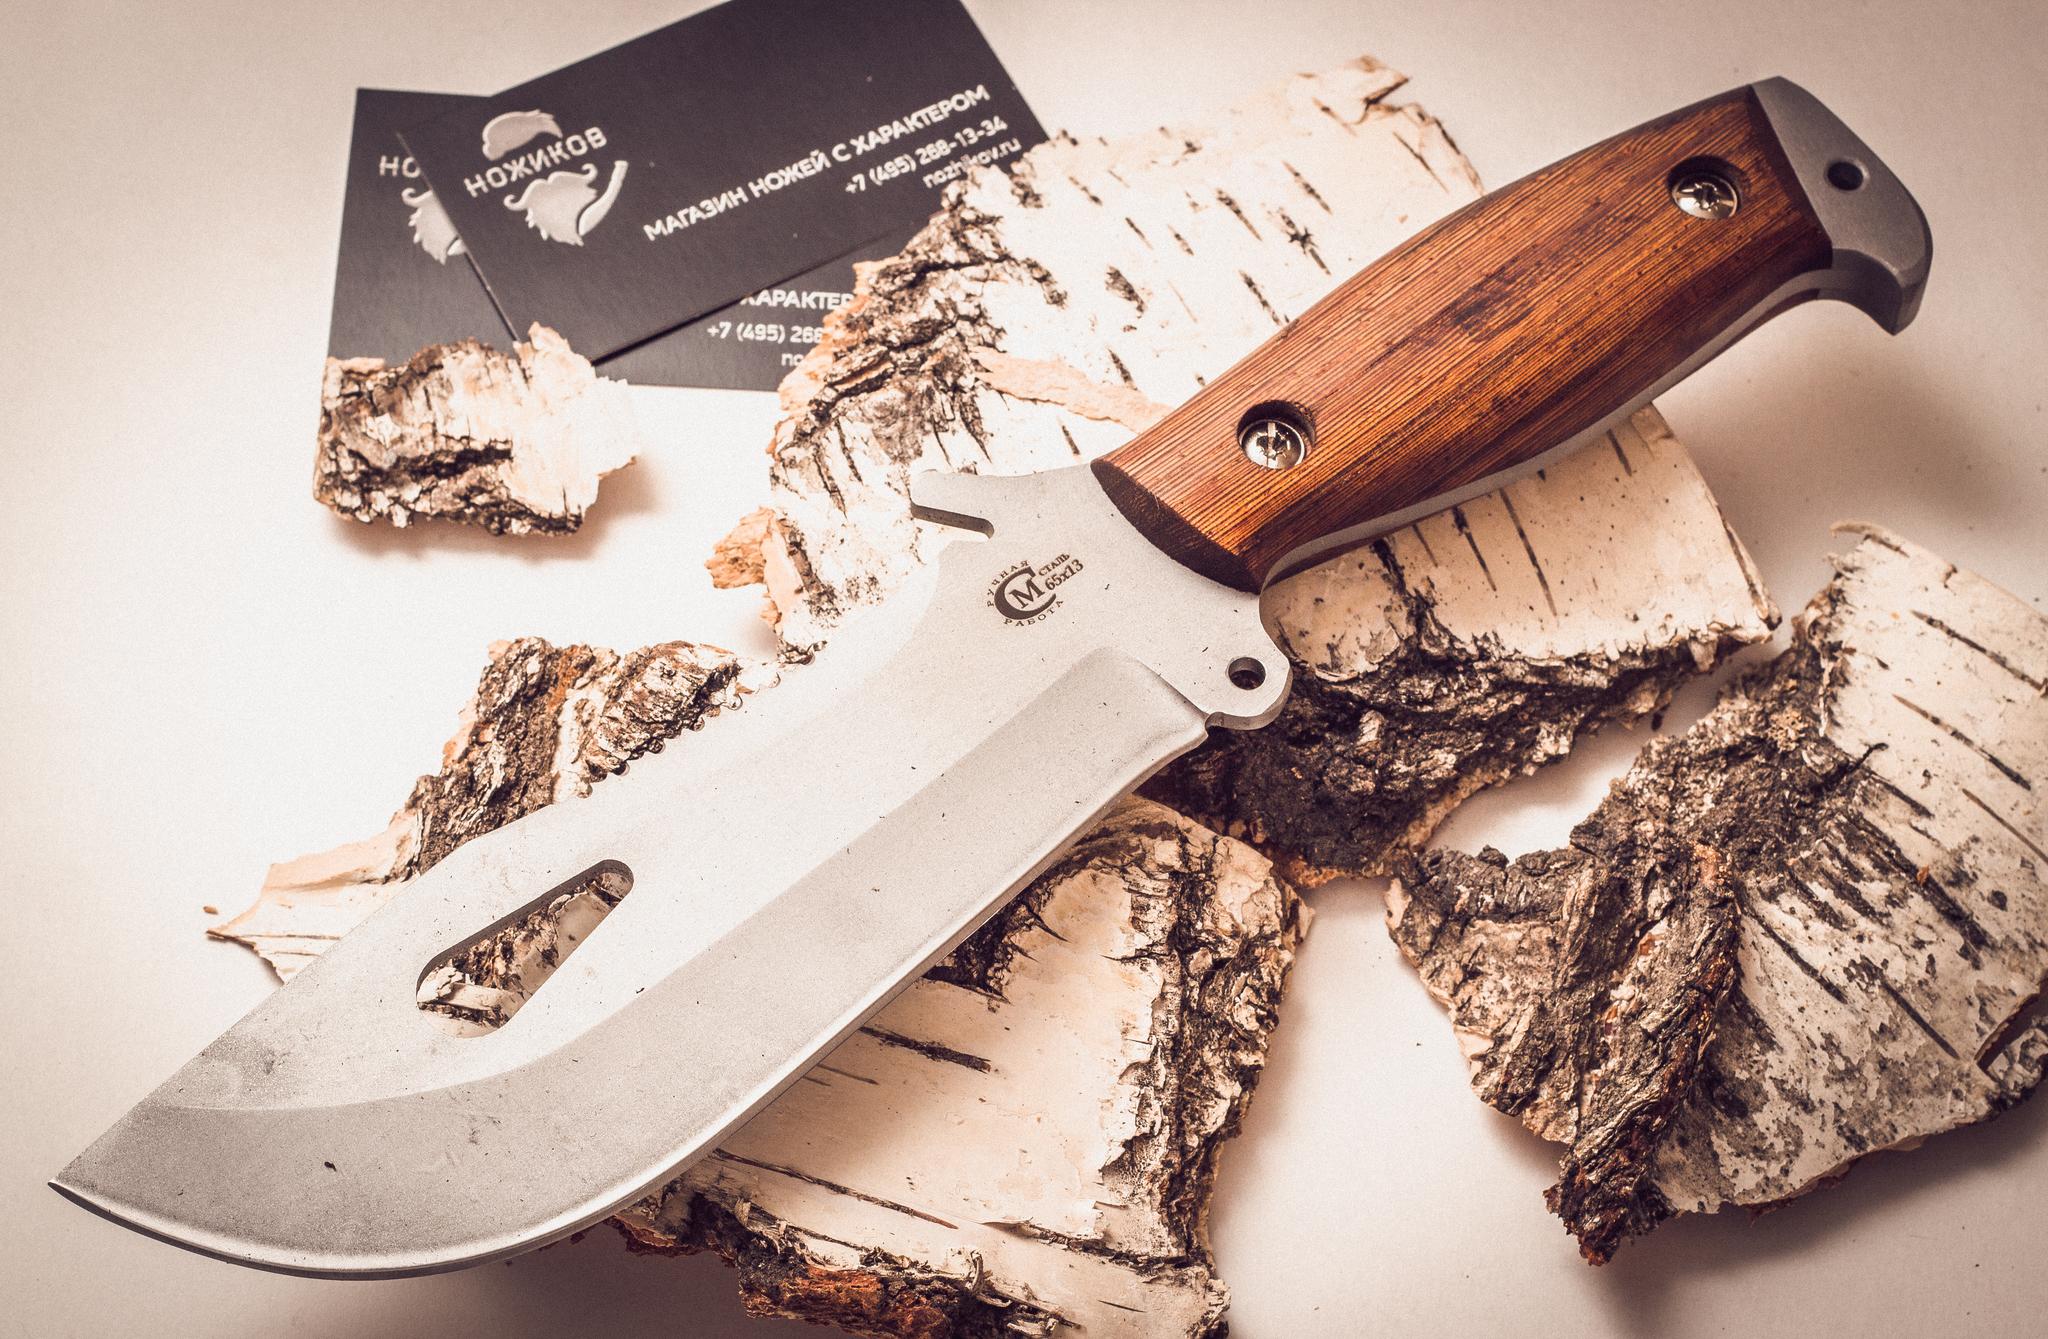 Нож для выживания «Воин», из нержавеющей стали 65х13Ножи Ворсма<br>Нож «Воин» предназначен для охотников, рыболовов, путешественников – словом, для настоящих воинов. Он мужественно выдержит все ваши испытания и сохранит свою остроту и форму. Спешите заказать нож для выживания из нержавеющей стали 65х13 «Воин».<br>Смотреть все ножи для выживания.<br>